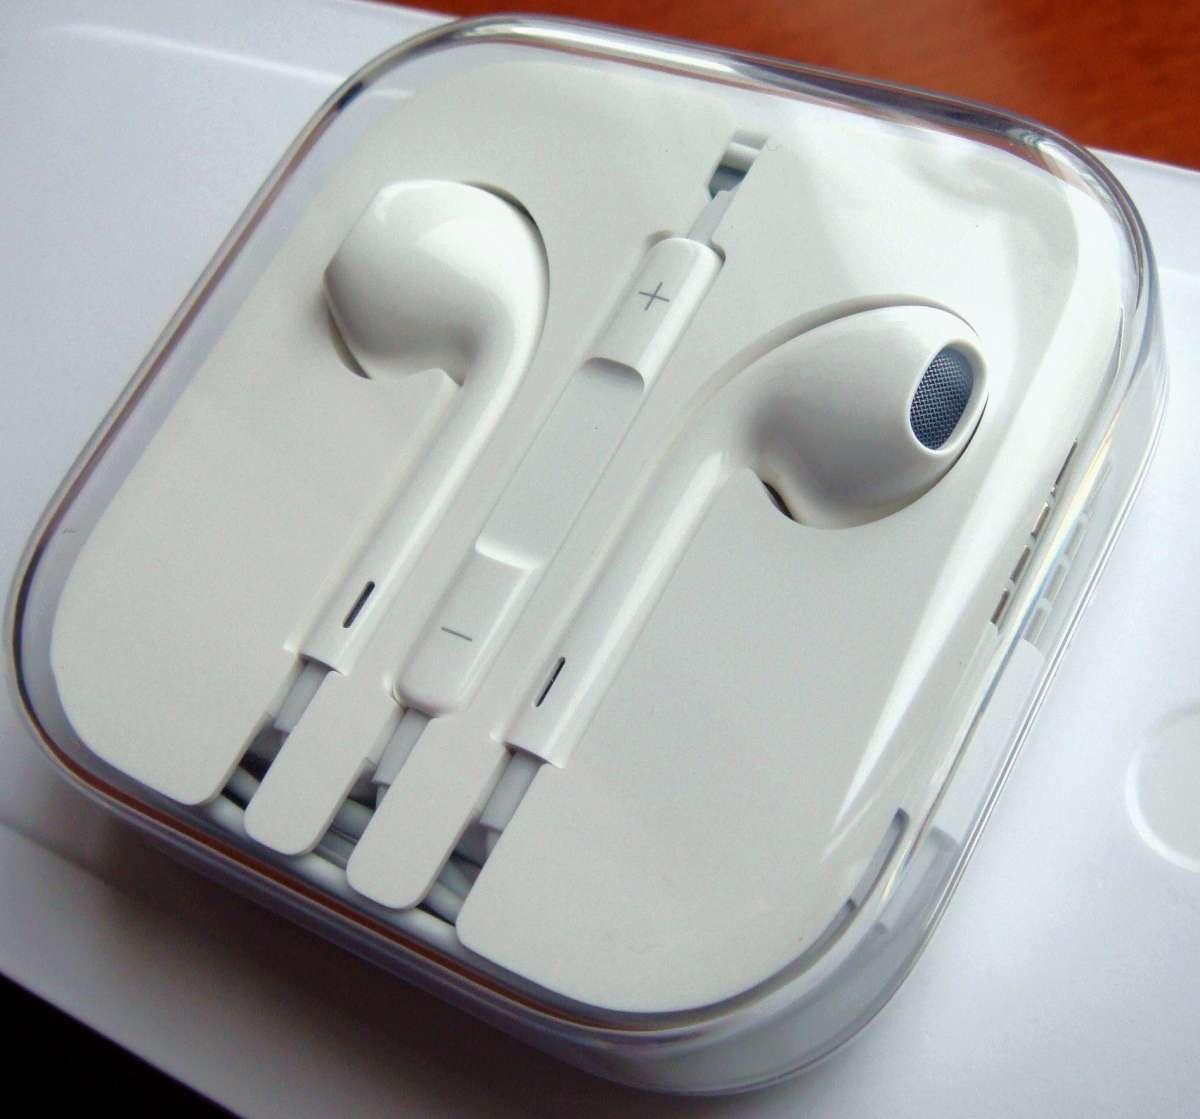 Новые наушники Apple EarPods оригинальные, как отличить от копии